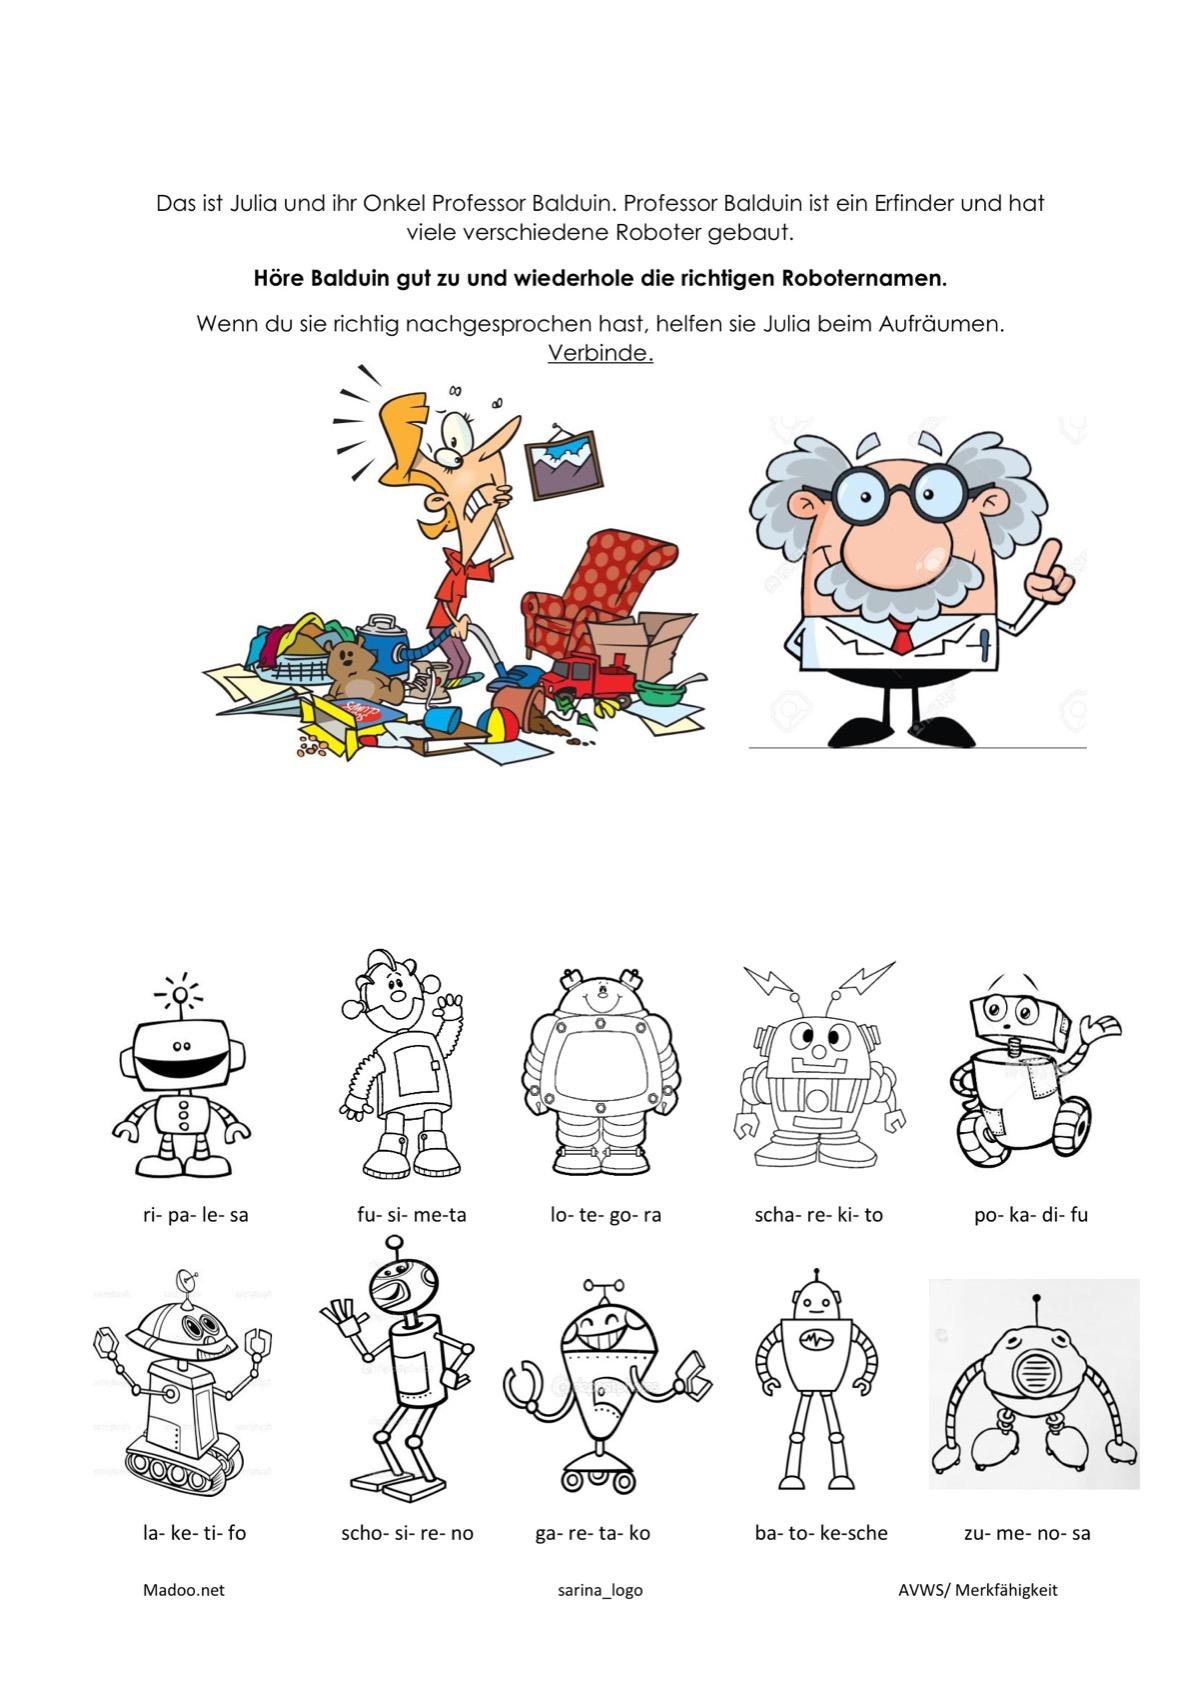 AVWS Roboter - Kindersprache - madoo.net